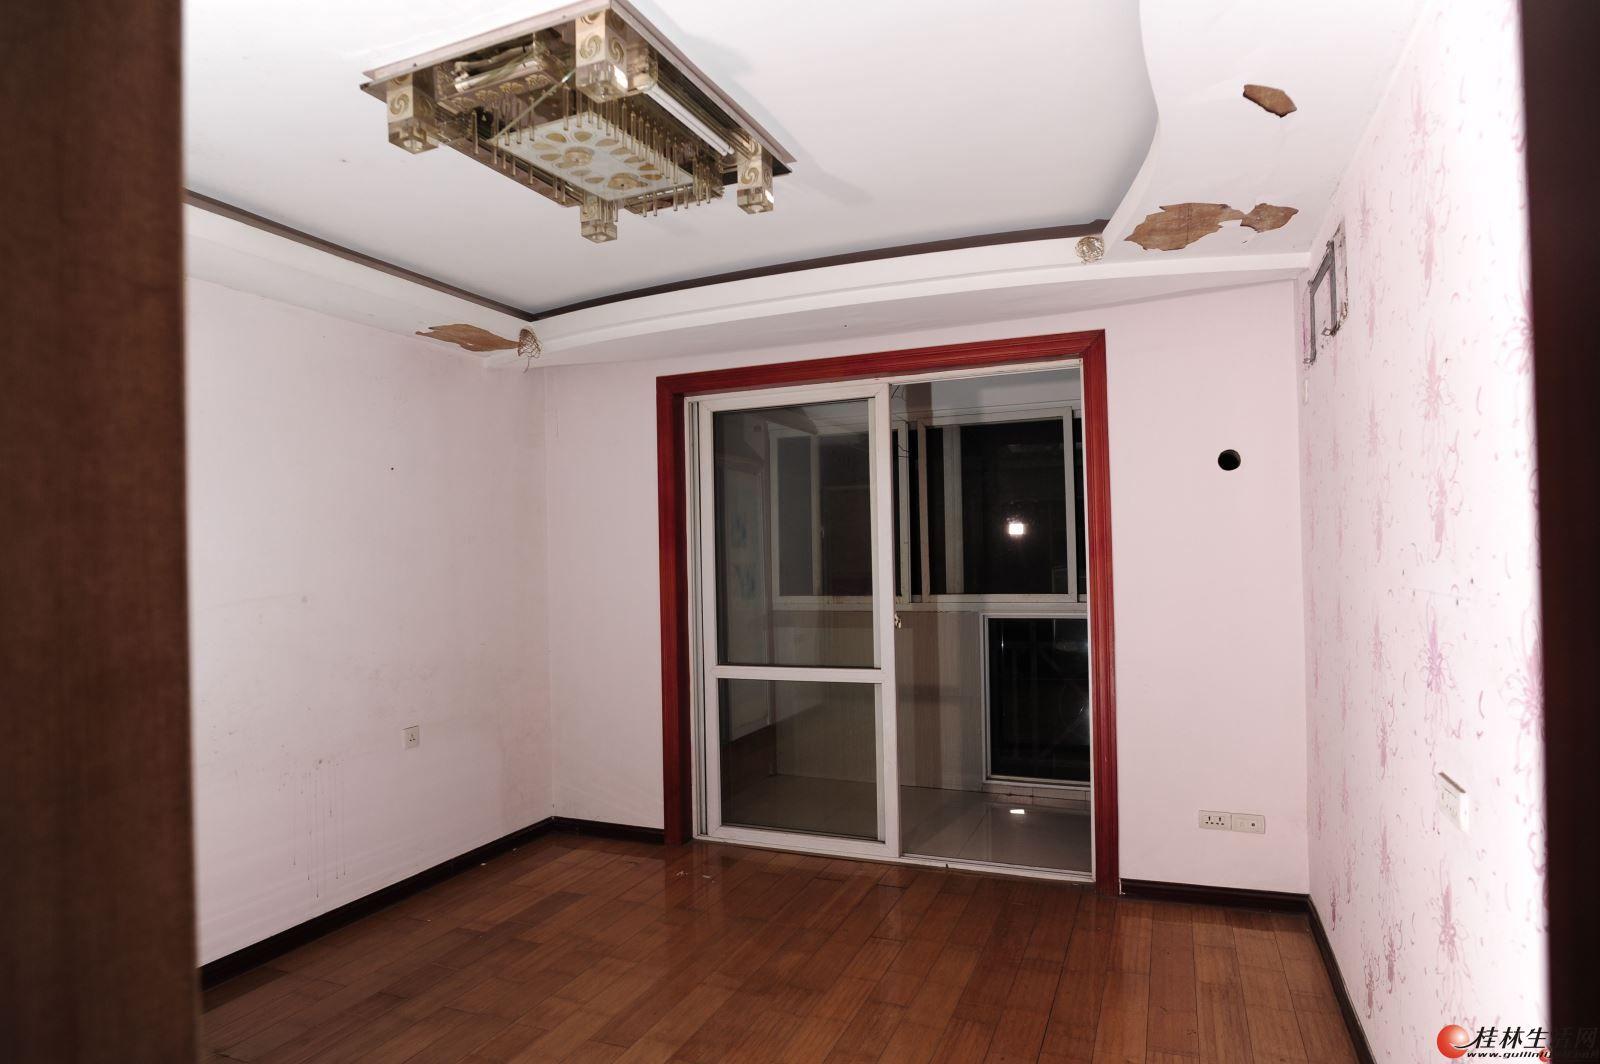 丰泽园小区 黄金3楼 大4房2厅2卫168㎡ 仅售90万